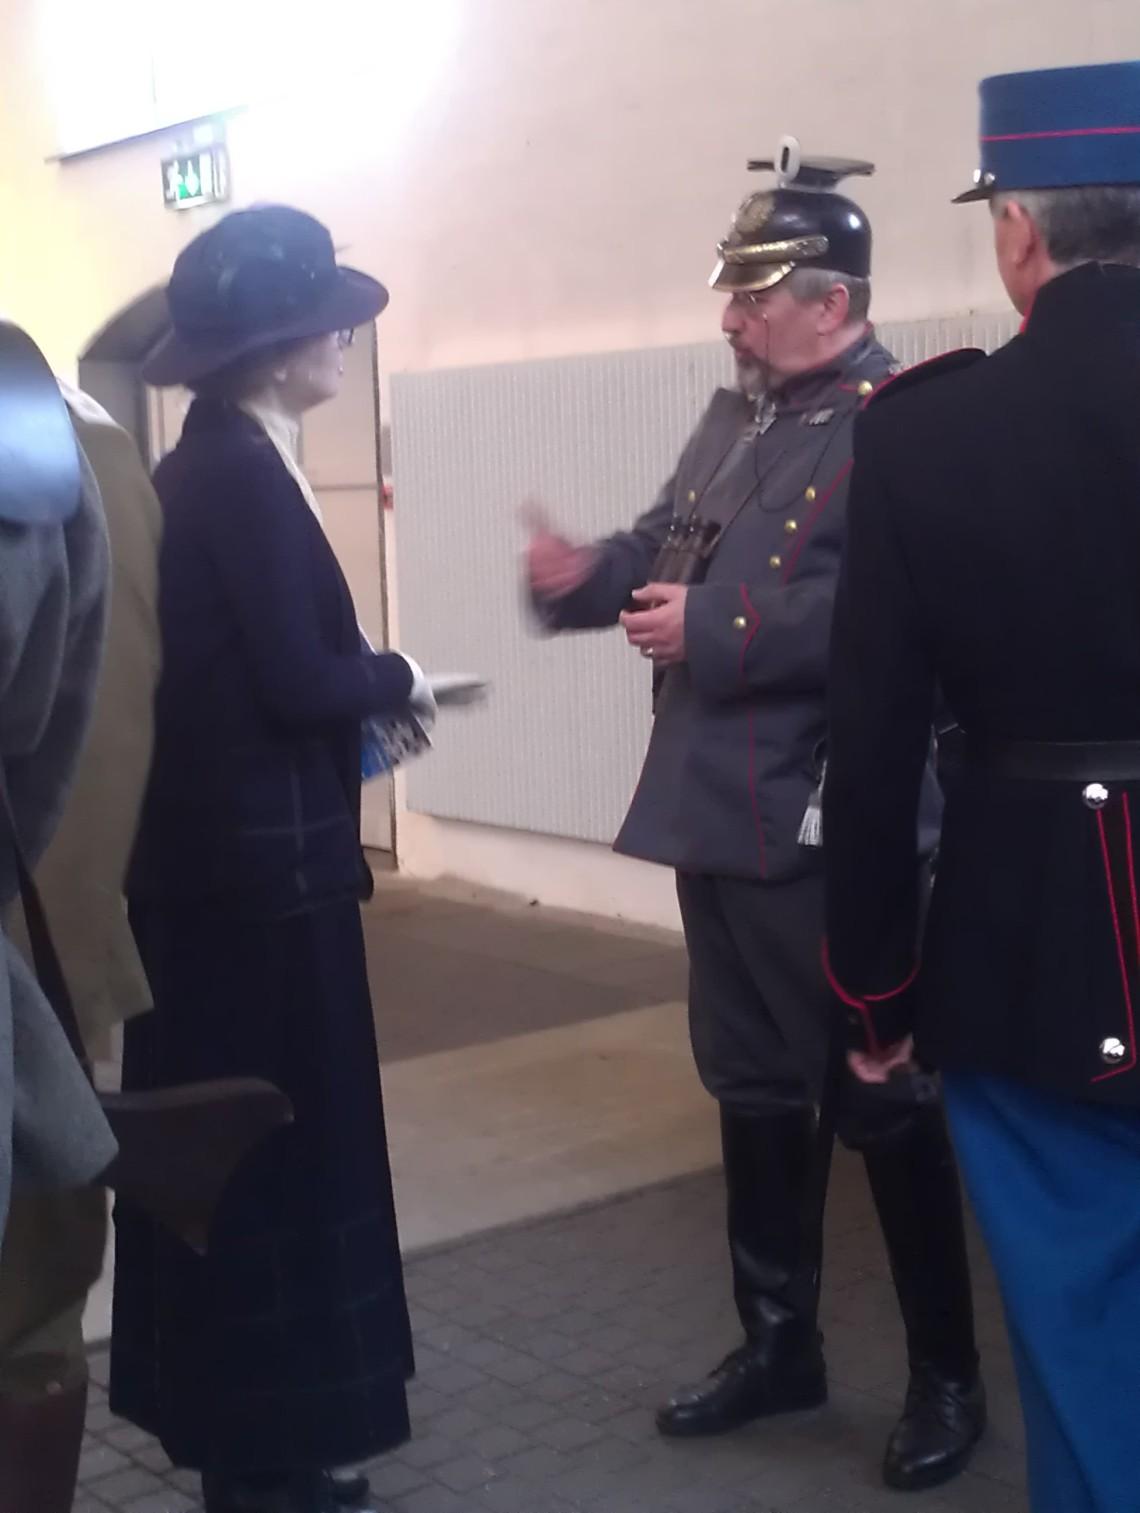 Kvinde + soldat 1914 HD